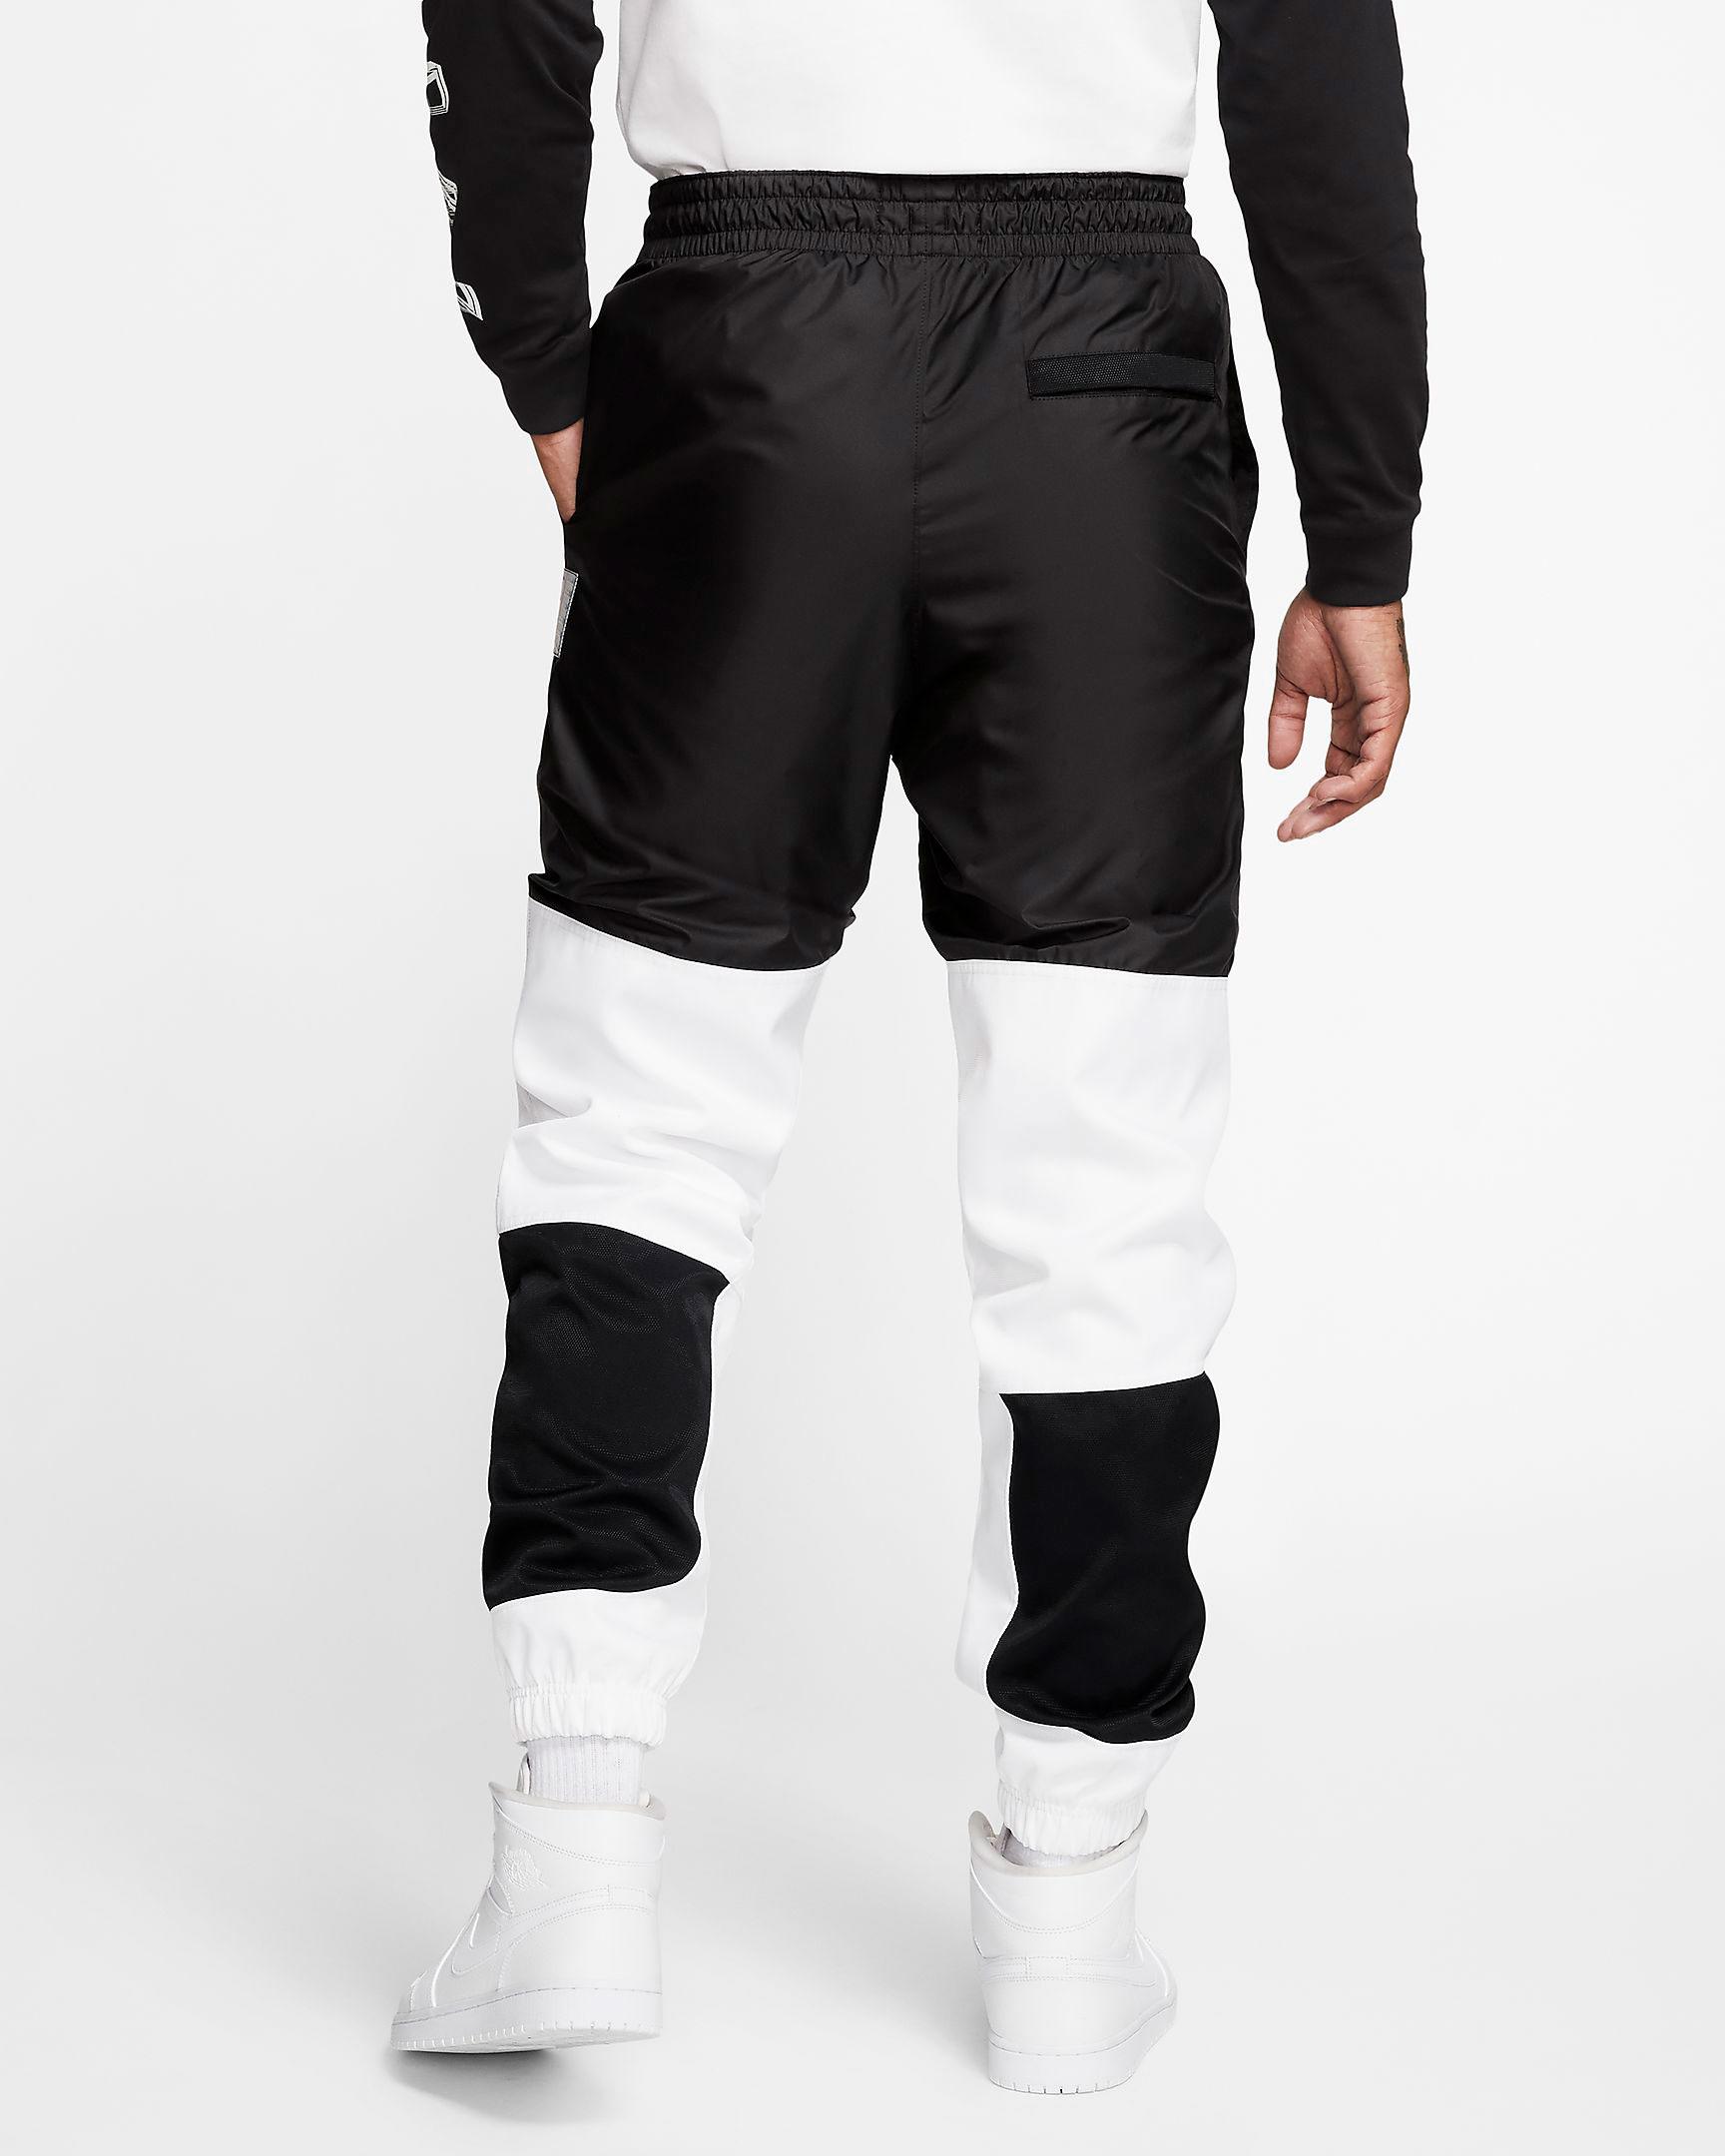 air-jordan-11-bred-2019-pants-2